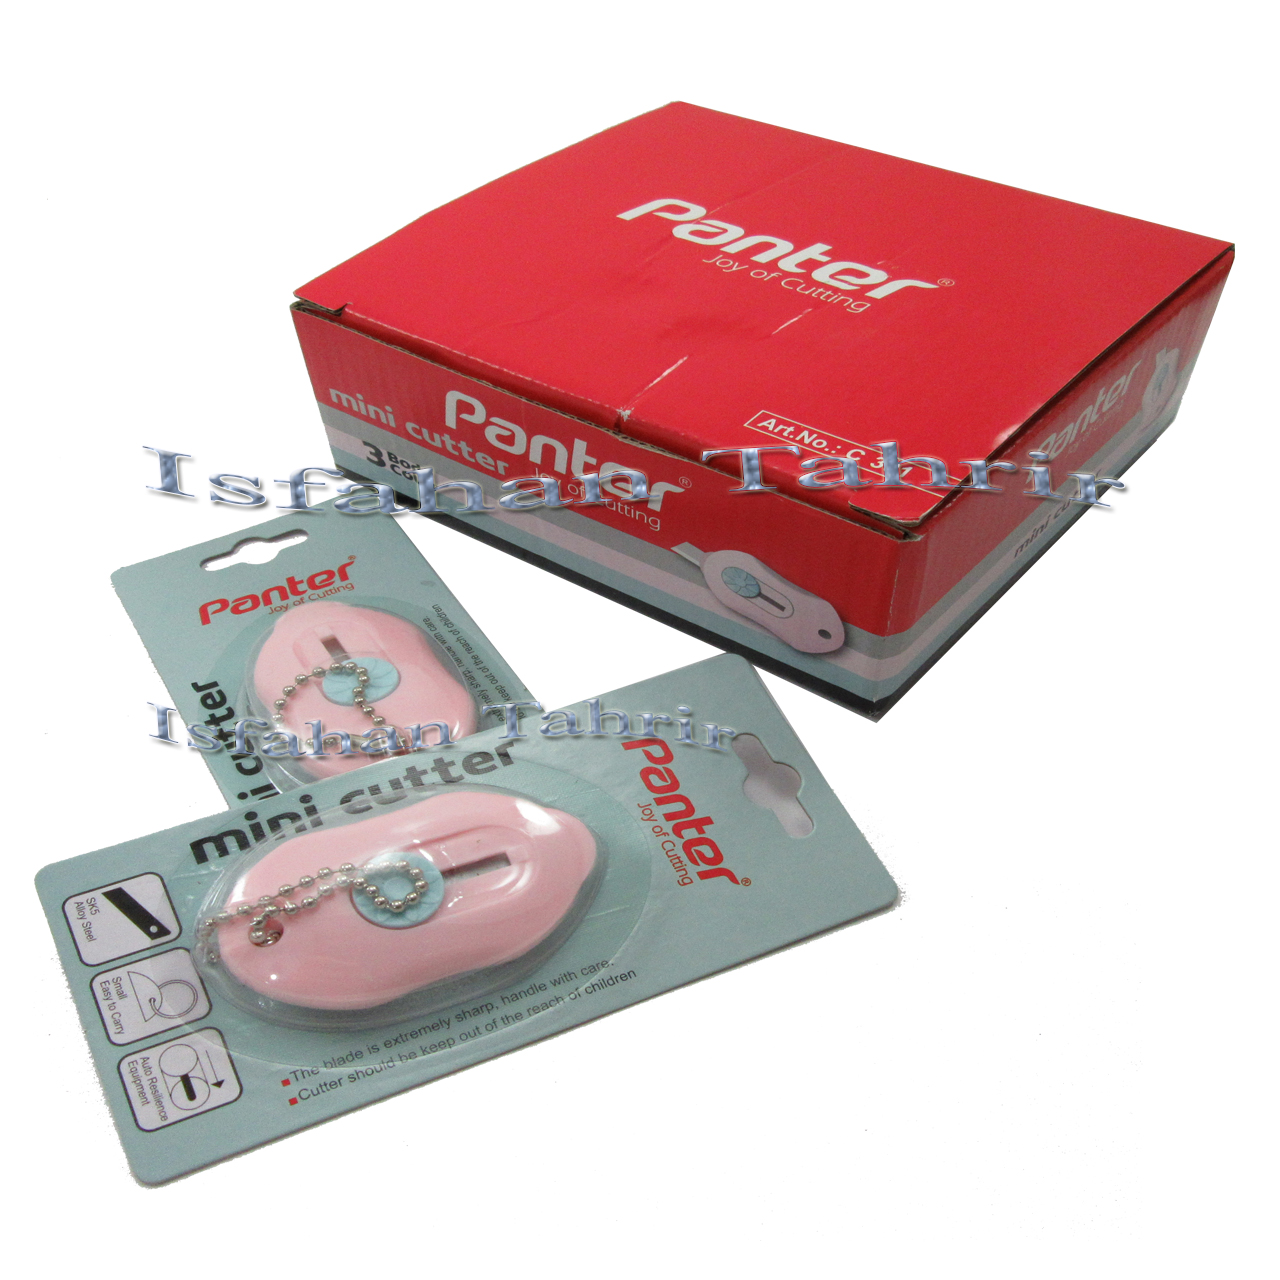 کاتر مینی پنتر ، جنس تیغه سرامیکی ، مناسب برای انواع برش ها ، دور از دسترس اطفال ، تیغه برنده و تیز ، قیمت مناسب، تک رنگ صورتی